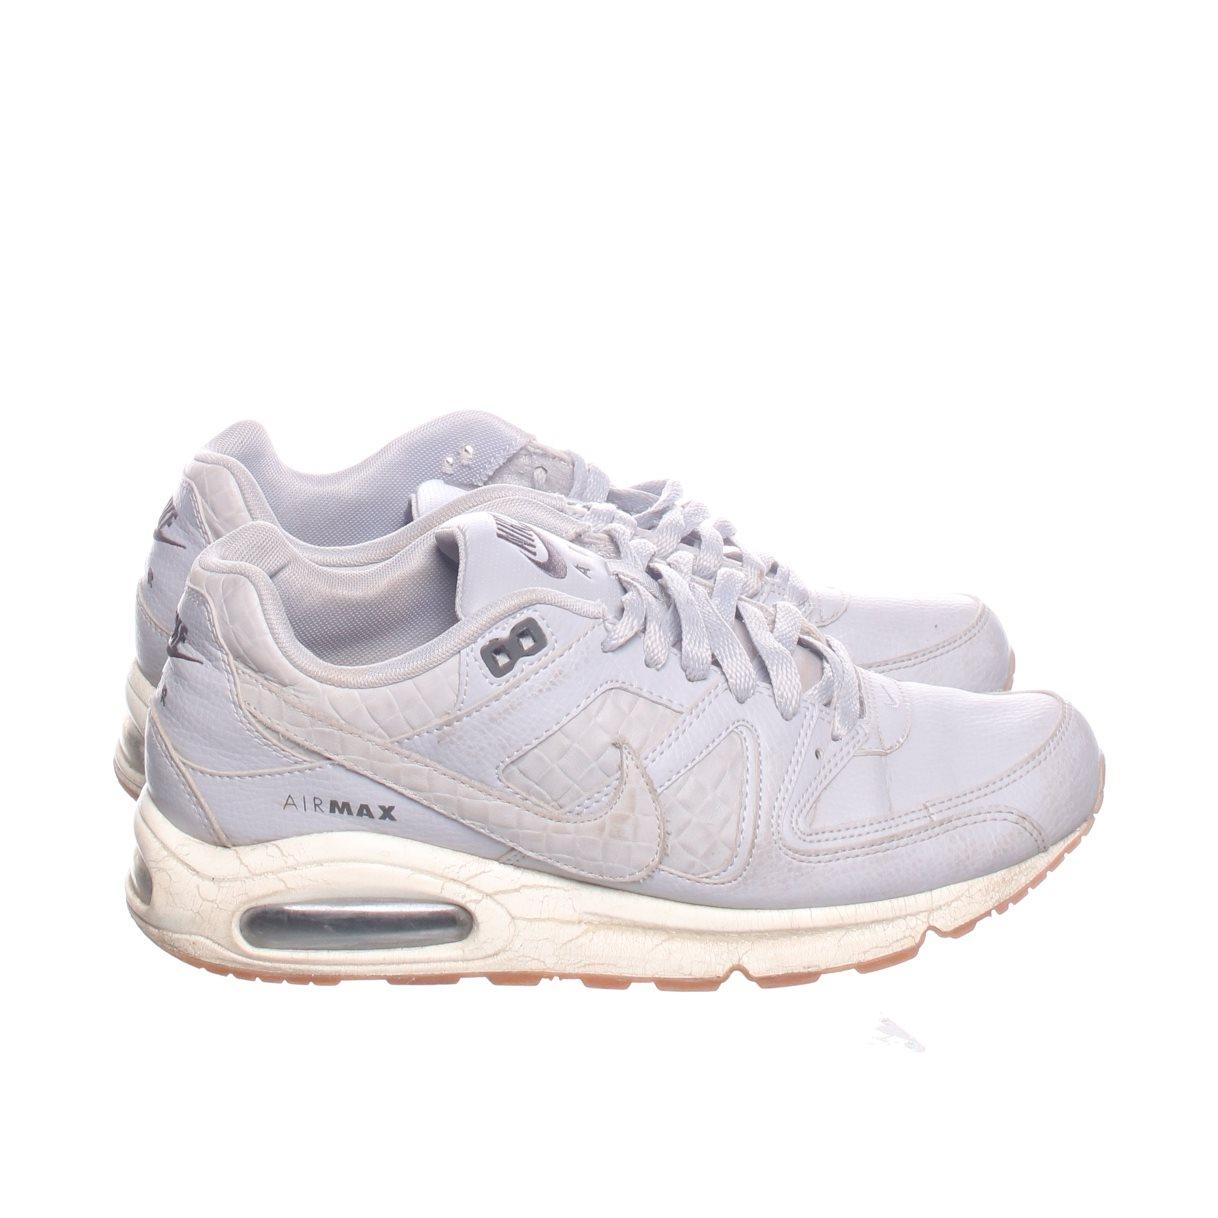 best cheap ab28c 2898d Nike Air Max, Sneakers, Strl  42, Grå, Skinn